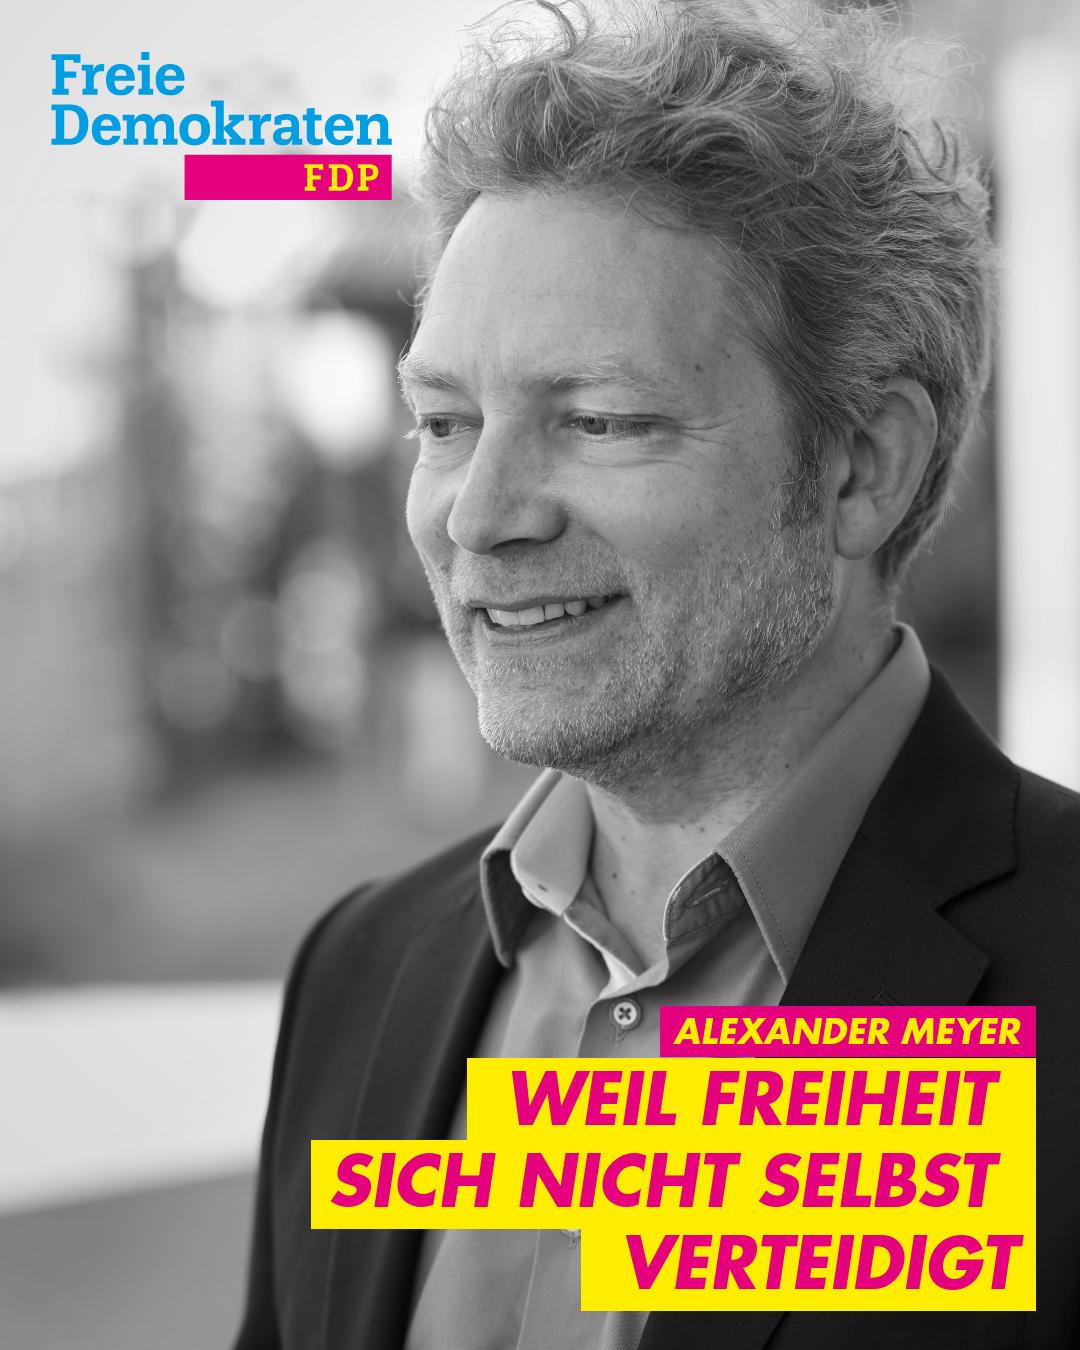 Alexander Meyer - Bundestagskandidat